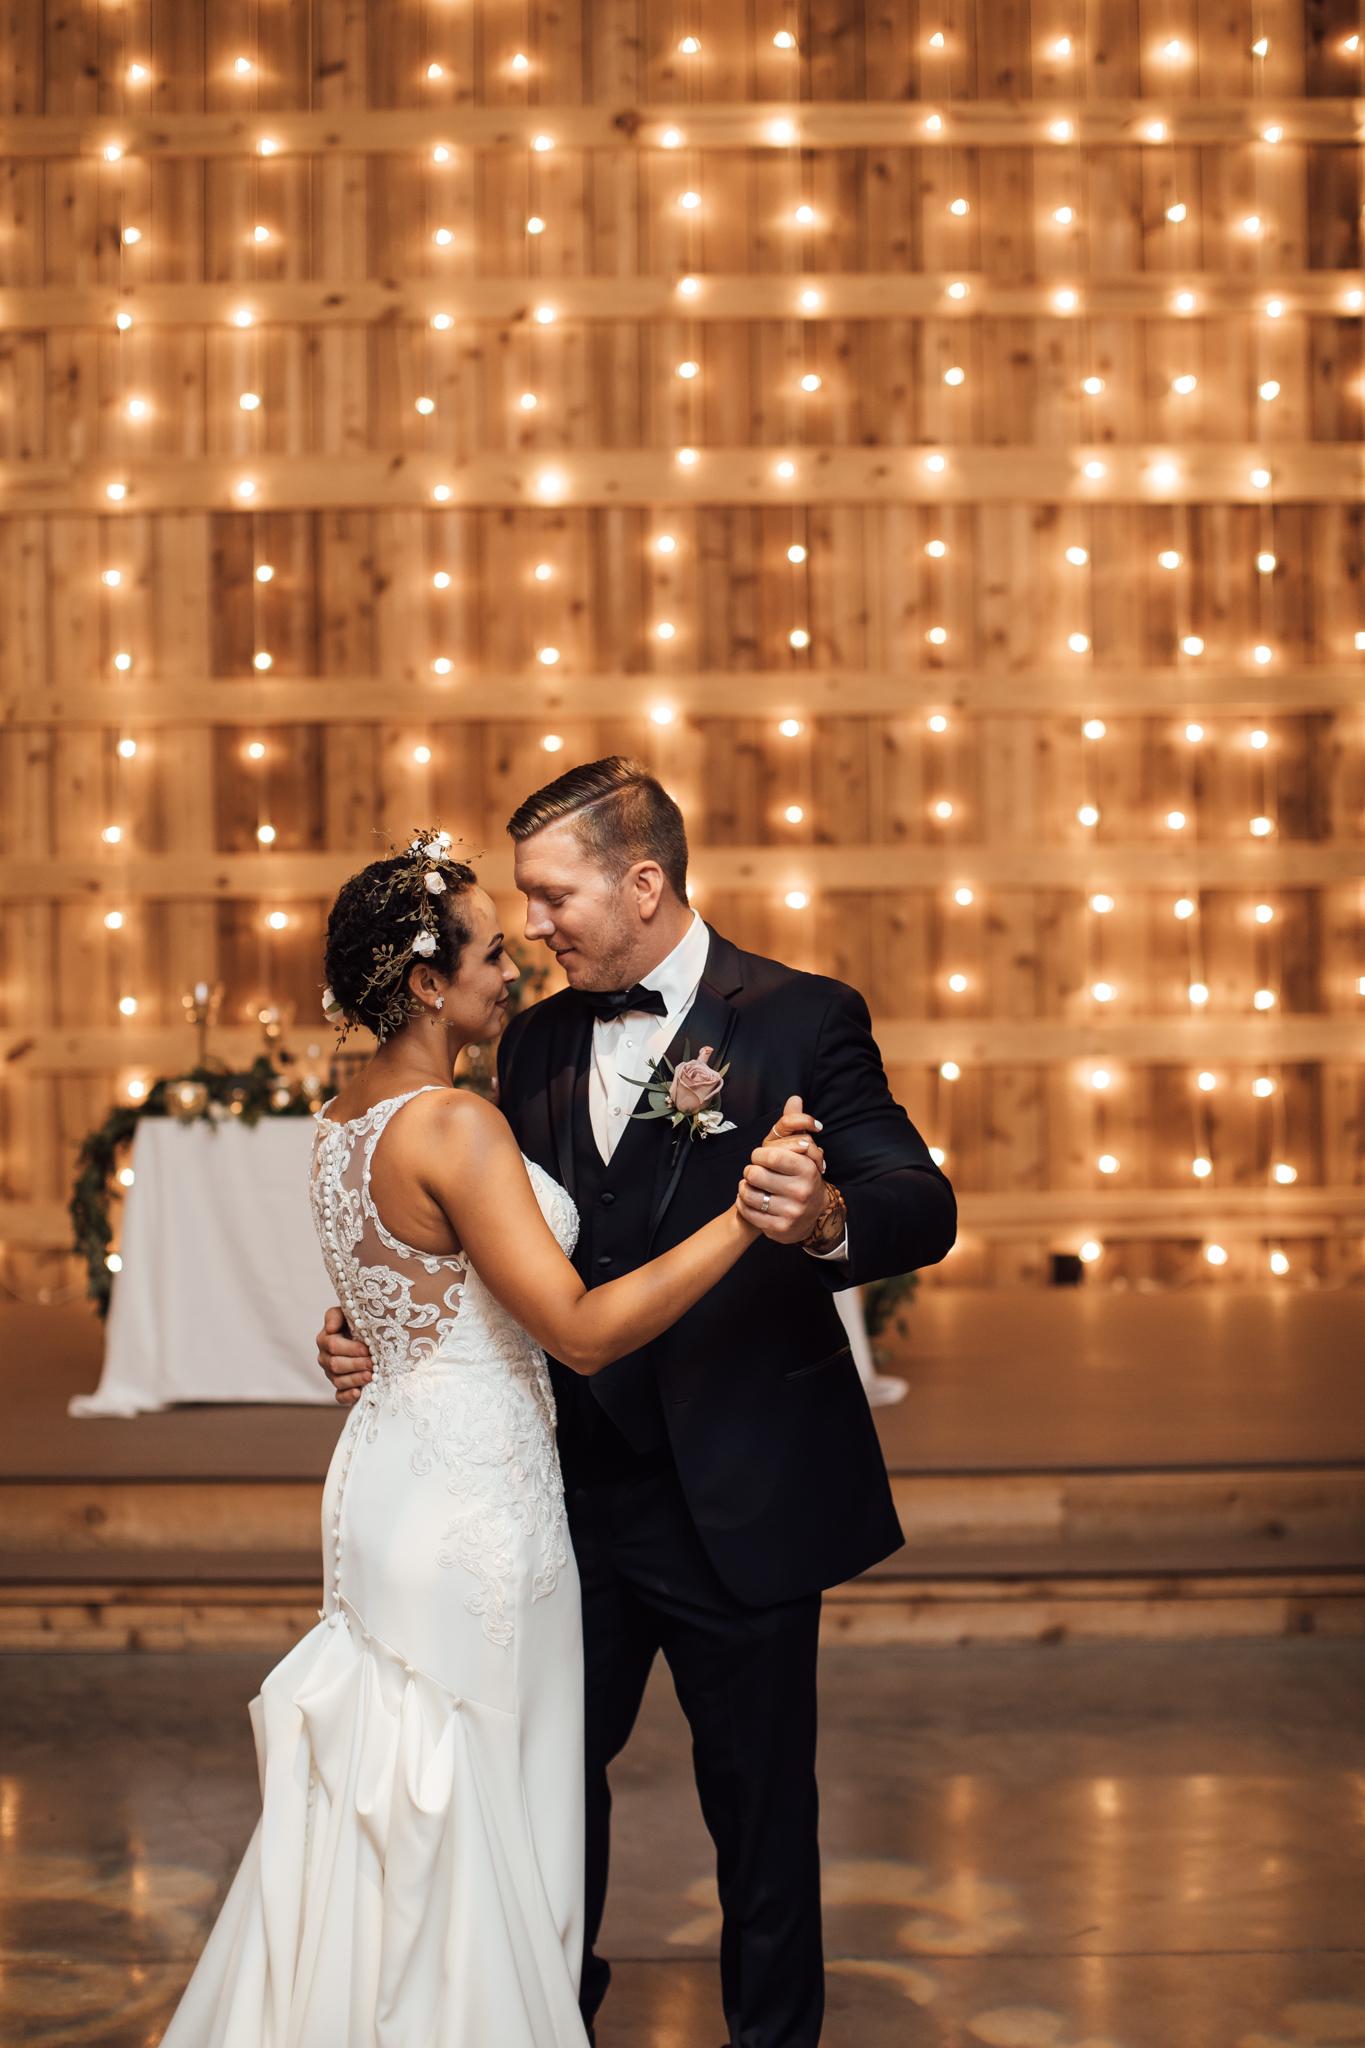 saddlewoodsfarms-nashville-wedding-photographer-thewarmtharoundyou-rustic-wedding (54 of 251).jpg